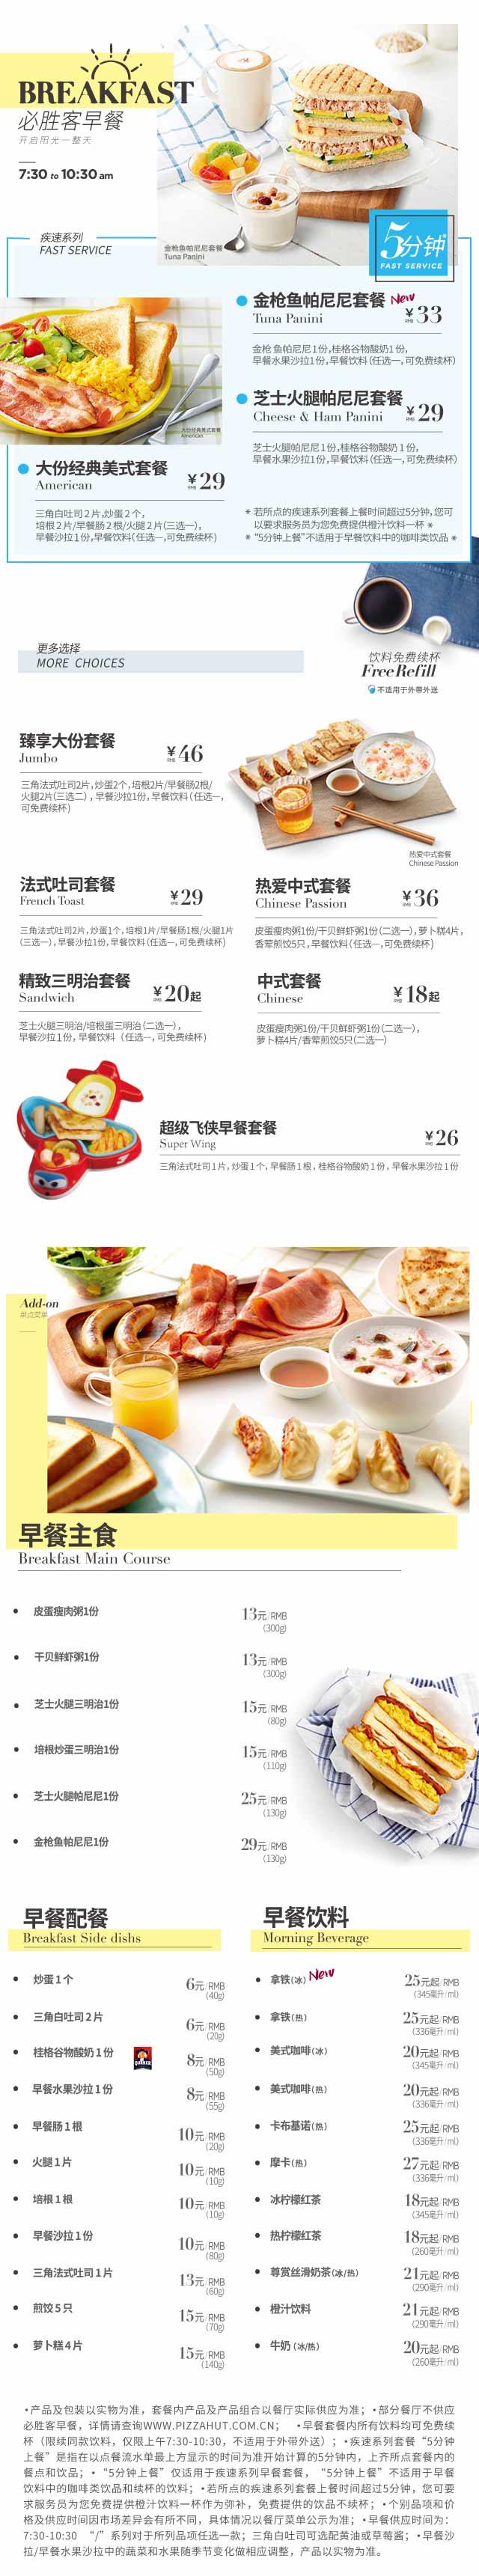 必胜客早餐菜单及供应时间